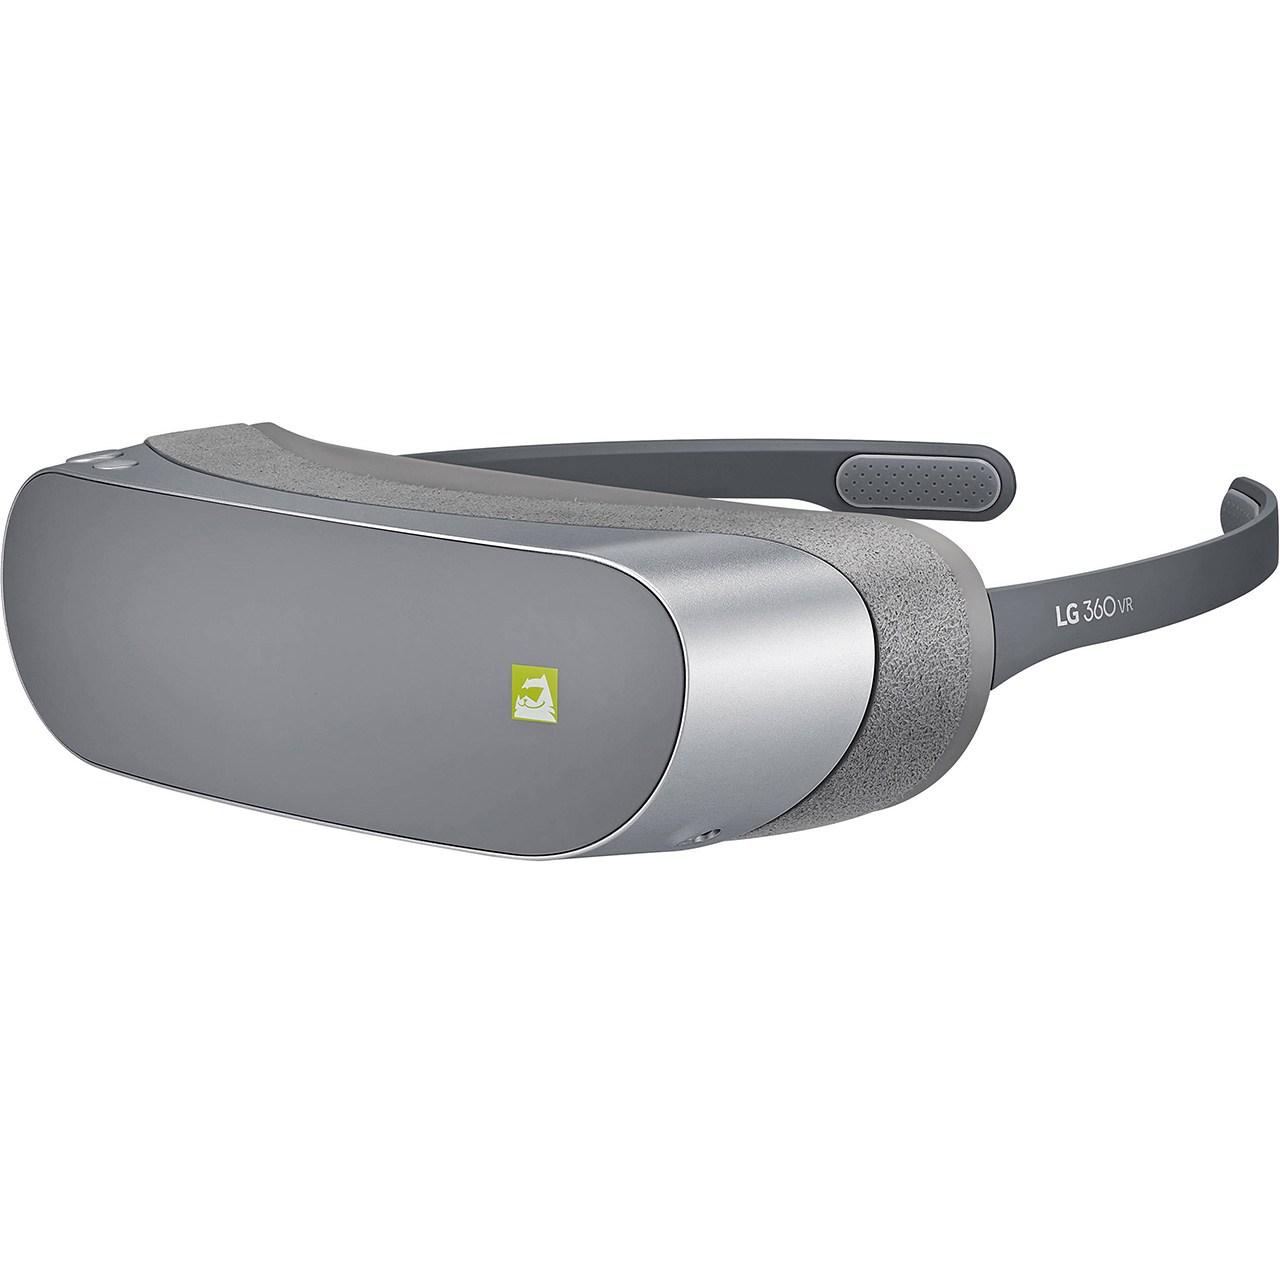 هدست واقعیت مجازی ال جی مدل 360 VR